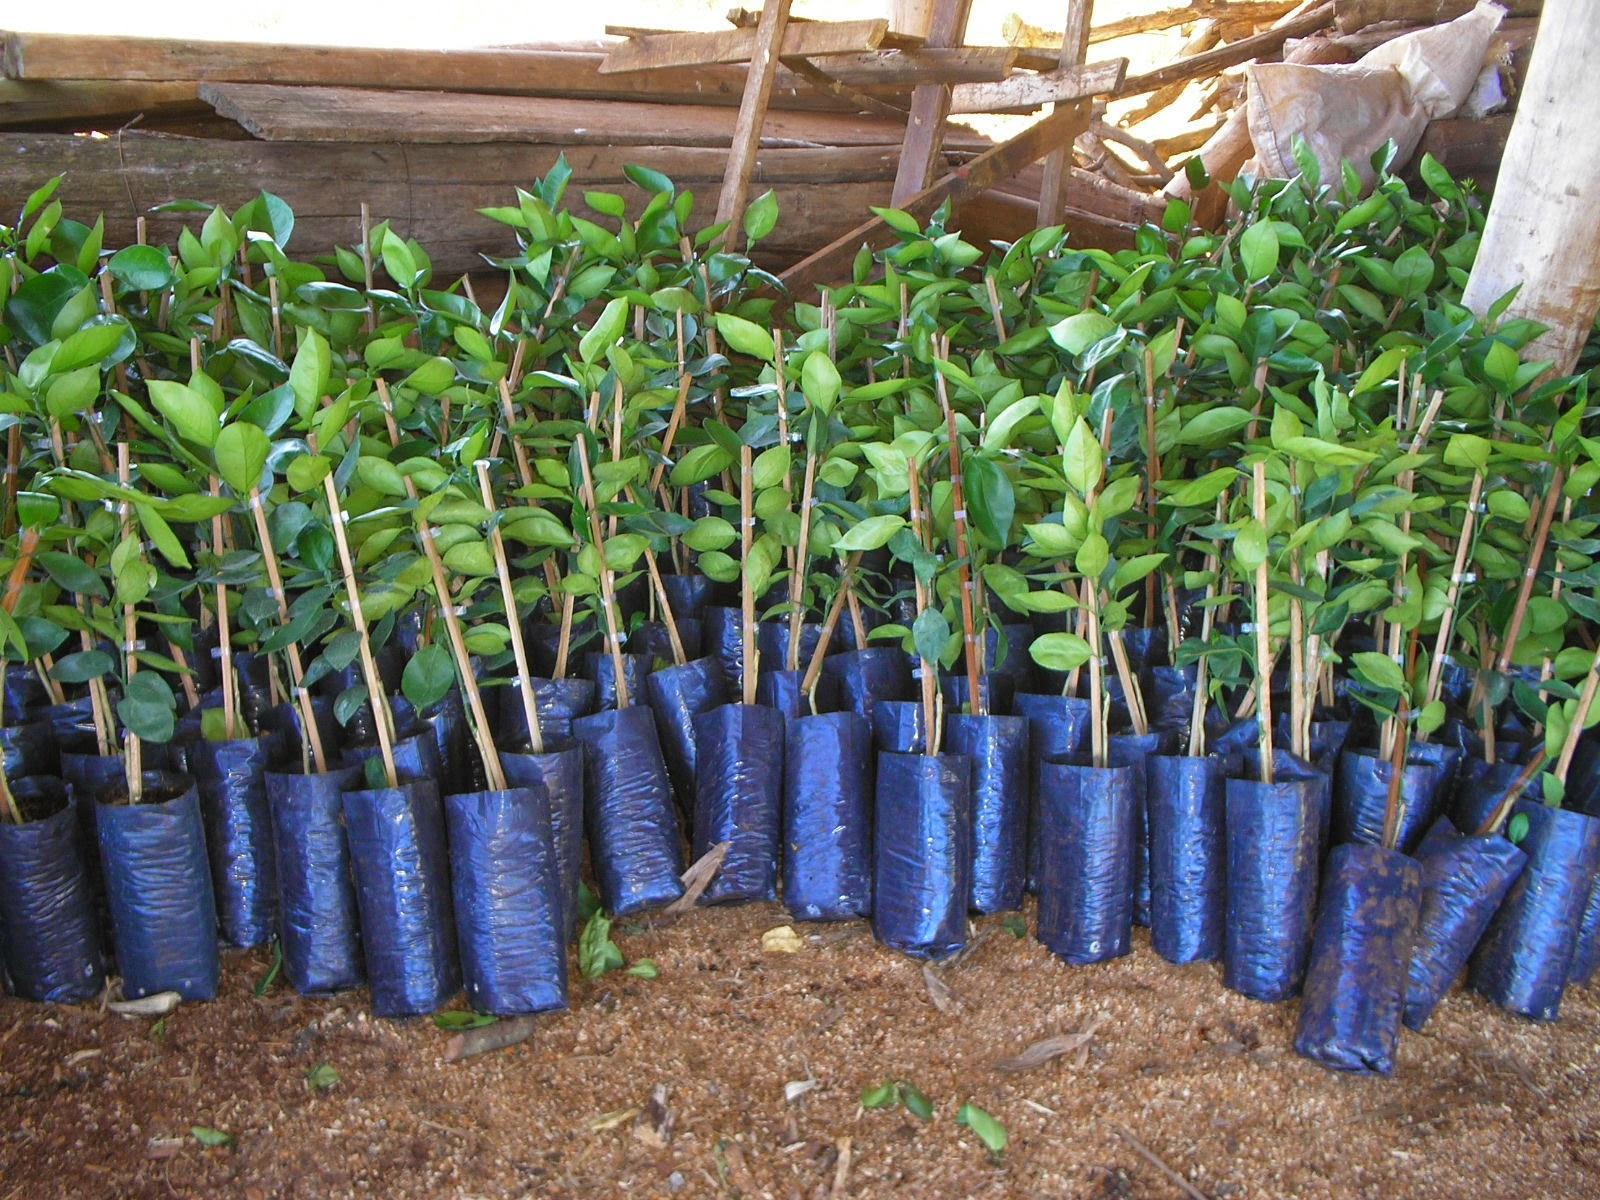 Meses de junho e julho são os mais indicados para plantio de mudas frutíferas